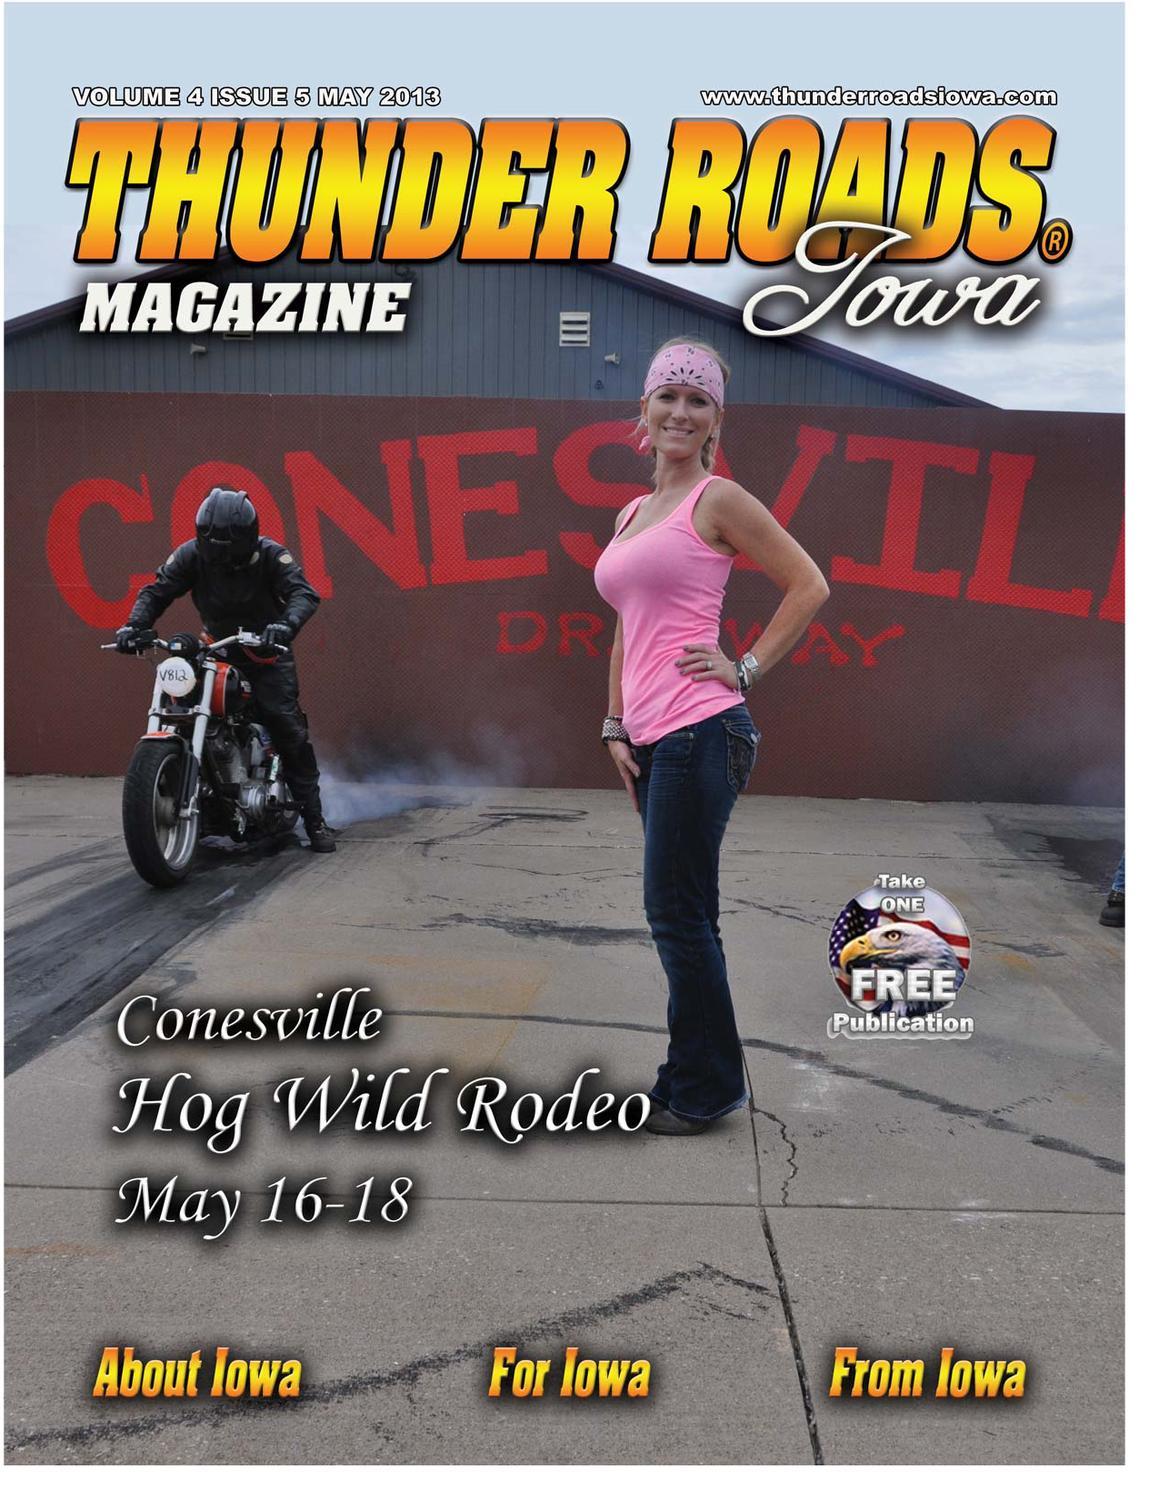 Thunder Roads Magazine Of Iowa By Thunder Roads Magazine Of Iowa